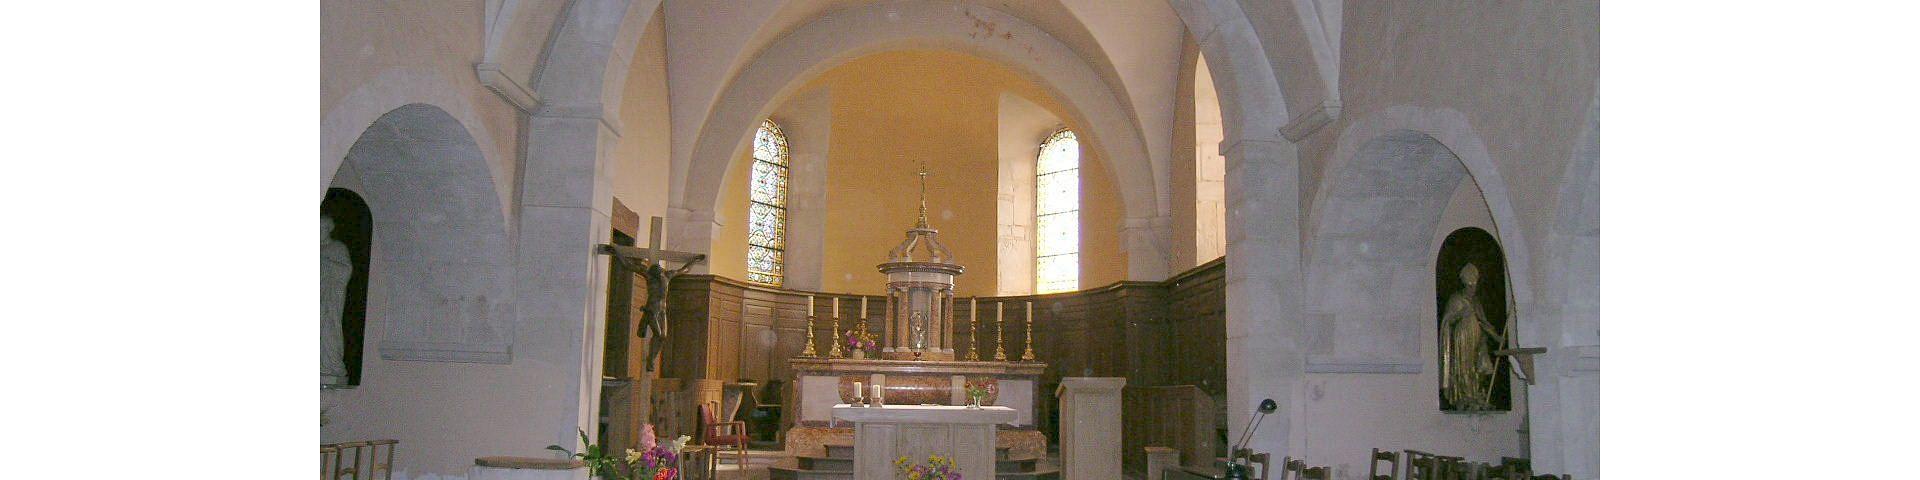 Viry-Eglise (39)